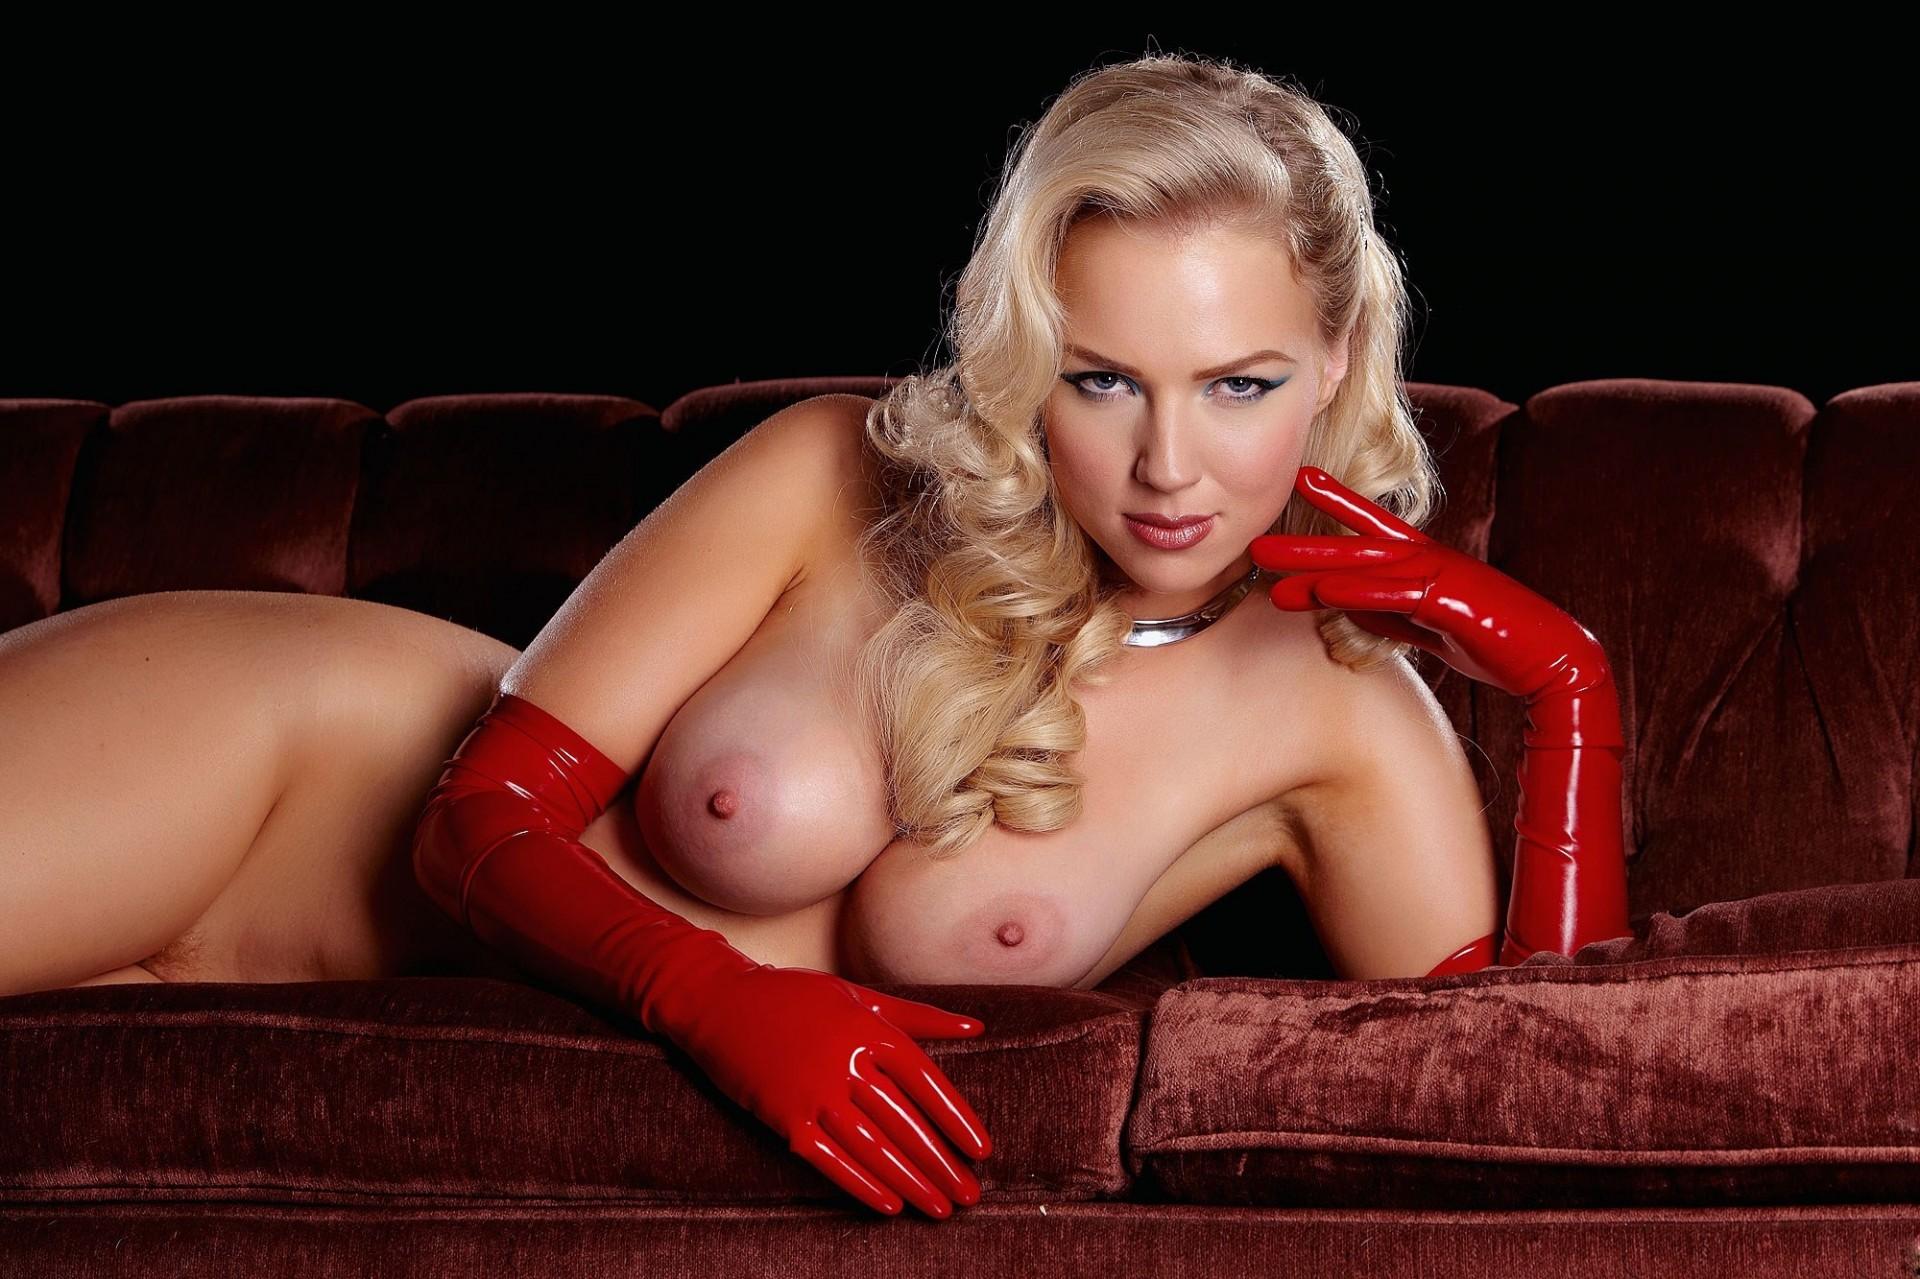 rabota-studii-foto-glamurnaya-blondinka-seks-hardkor